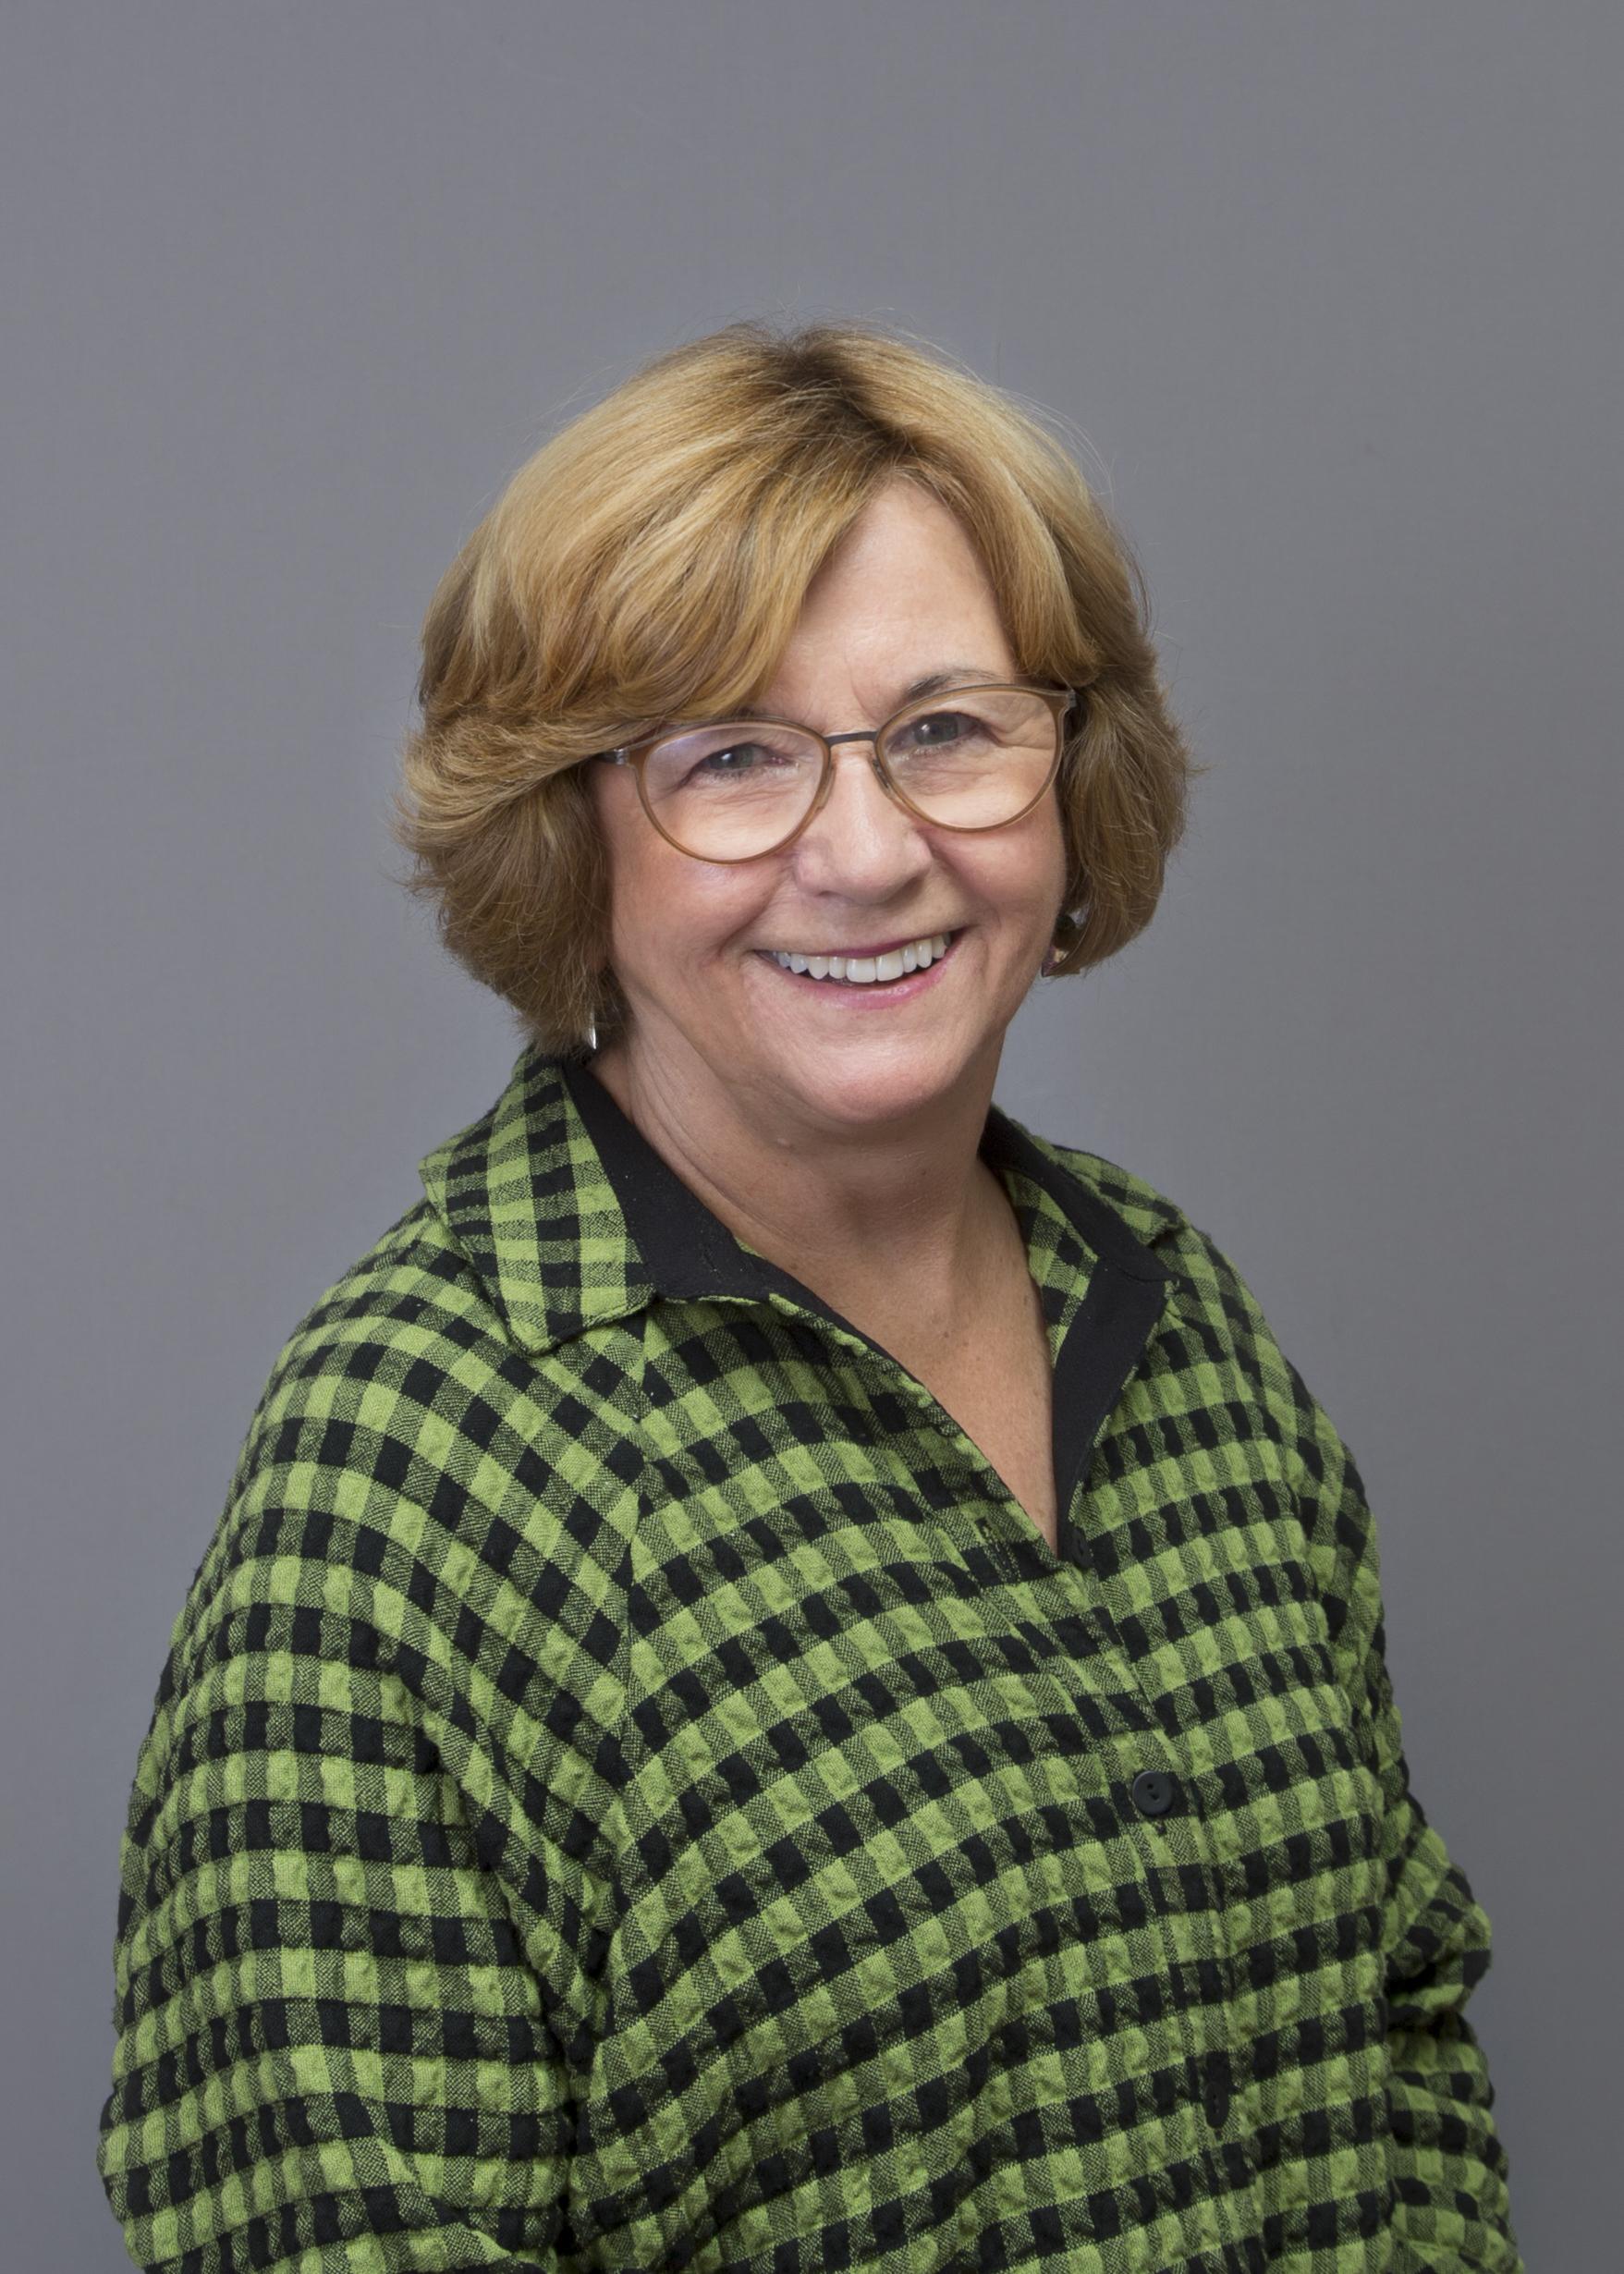 Elizabeth Baggaley